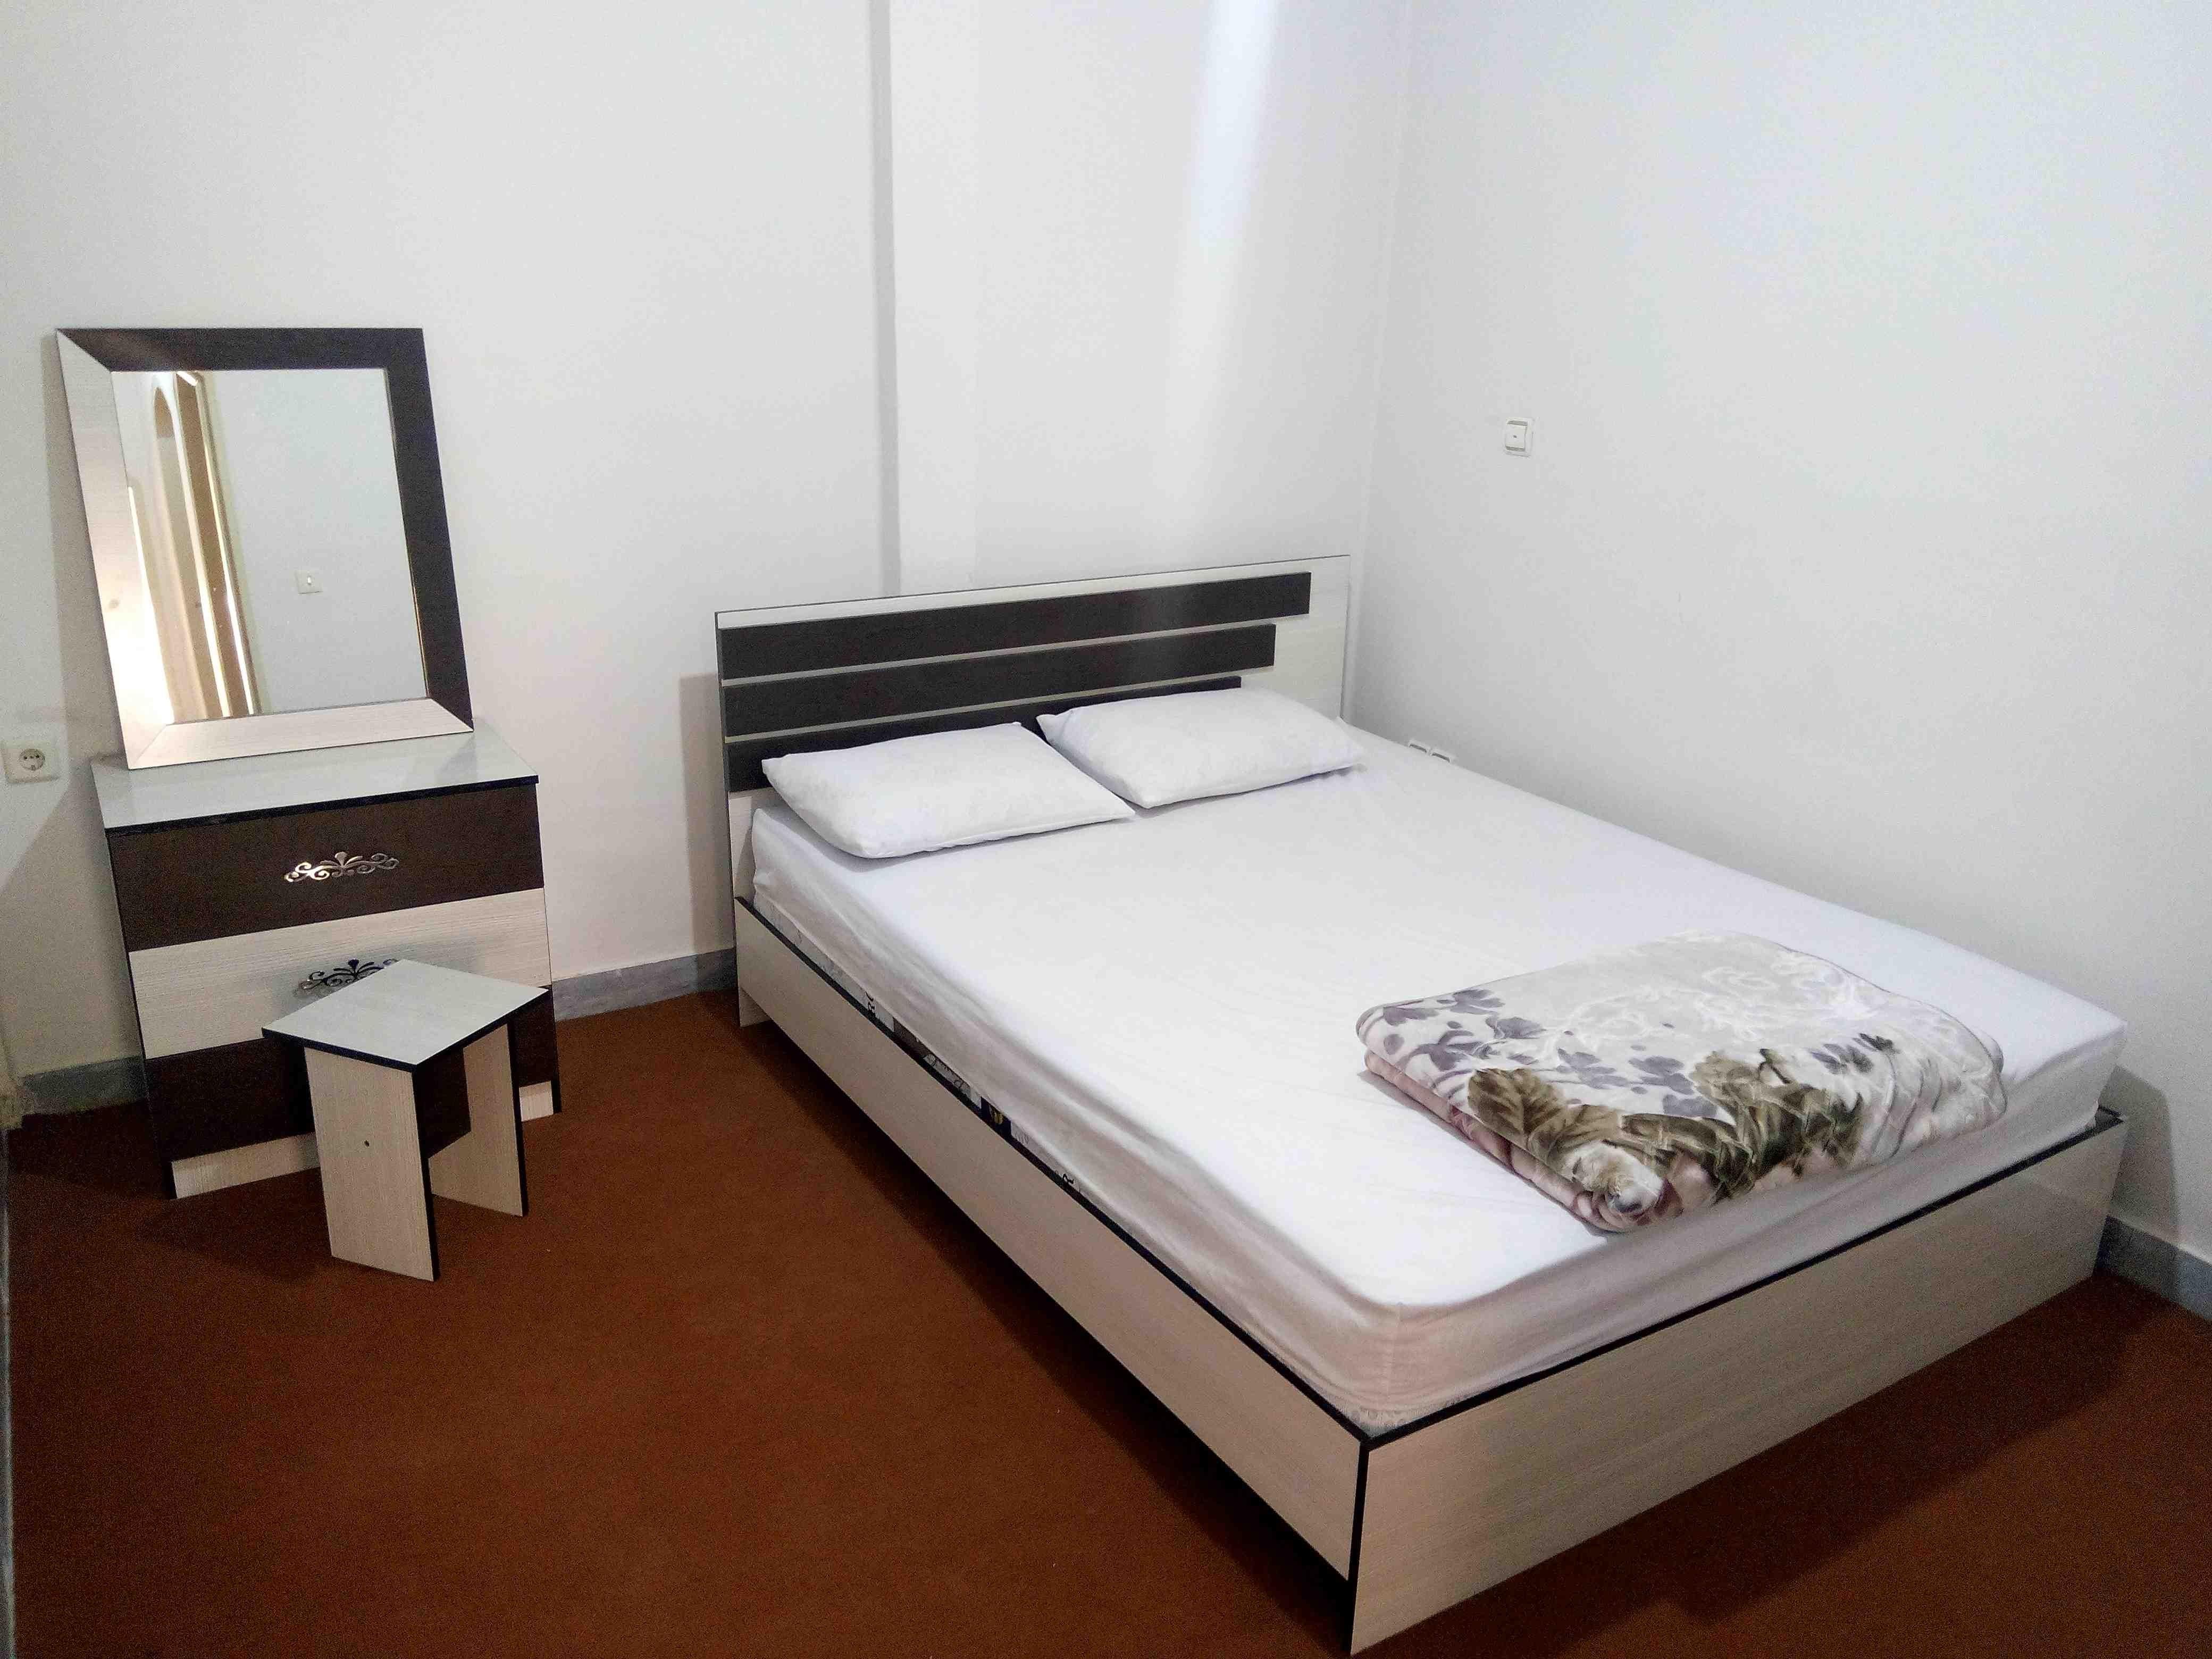 درون شهری سوییت آپارتمان تک خواب شماره 1